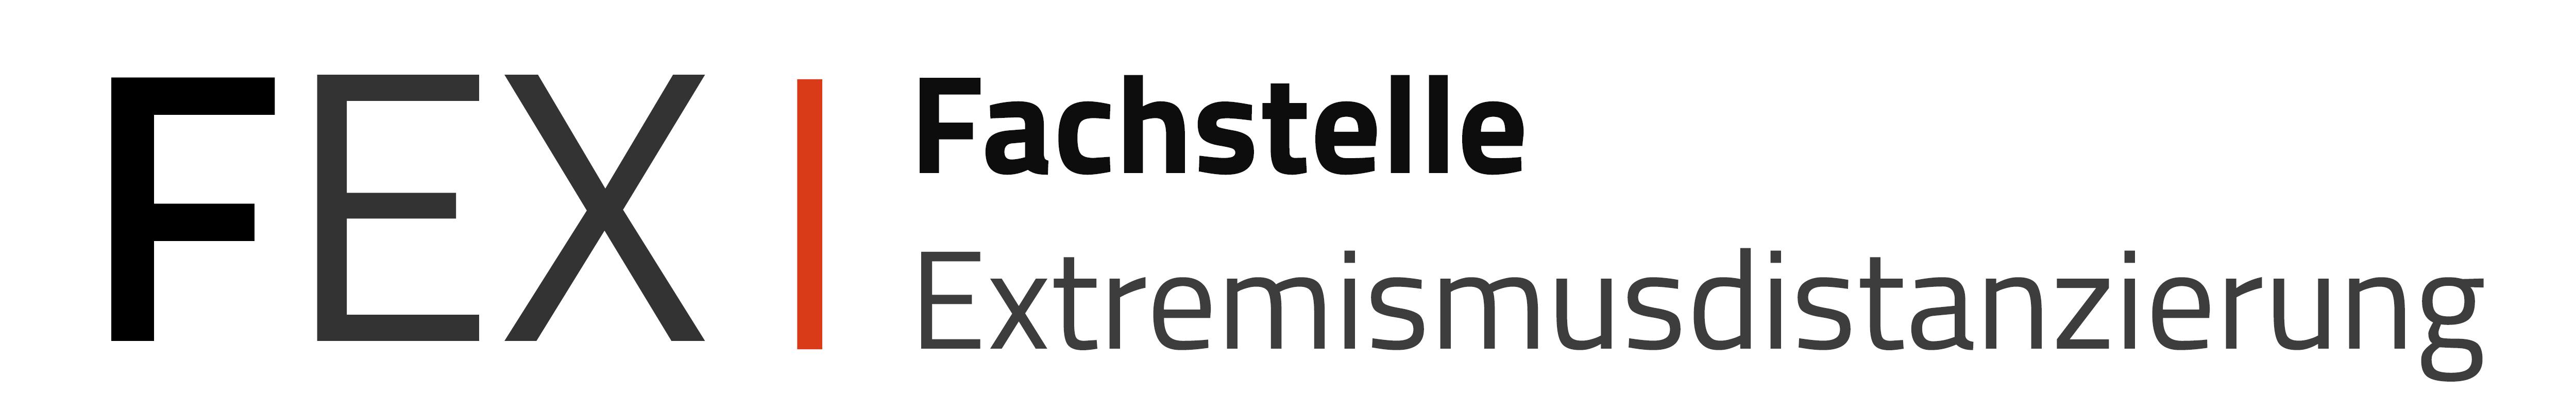 Logo der Fachstelle Extremismusdistanzierung, in Trägerschaft der Landesarbeitsgemeinschaft Mobile Jugendarbeit / Streetwork Baden-Württemberg e. V. (LAG)